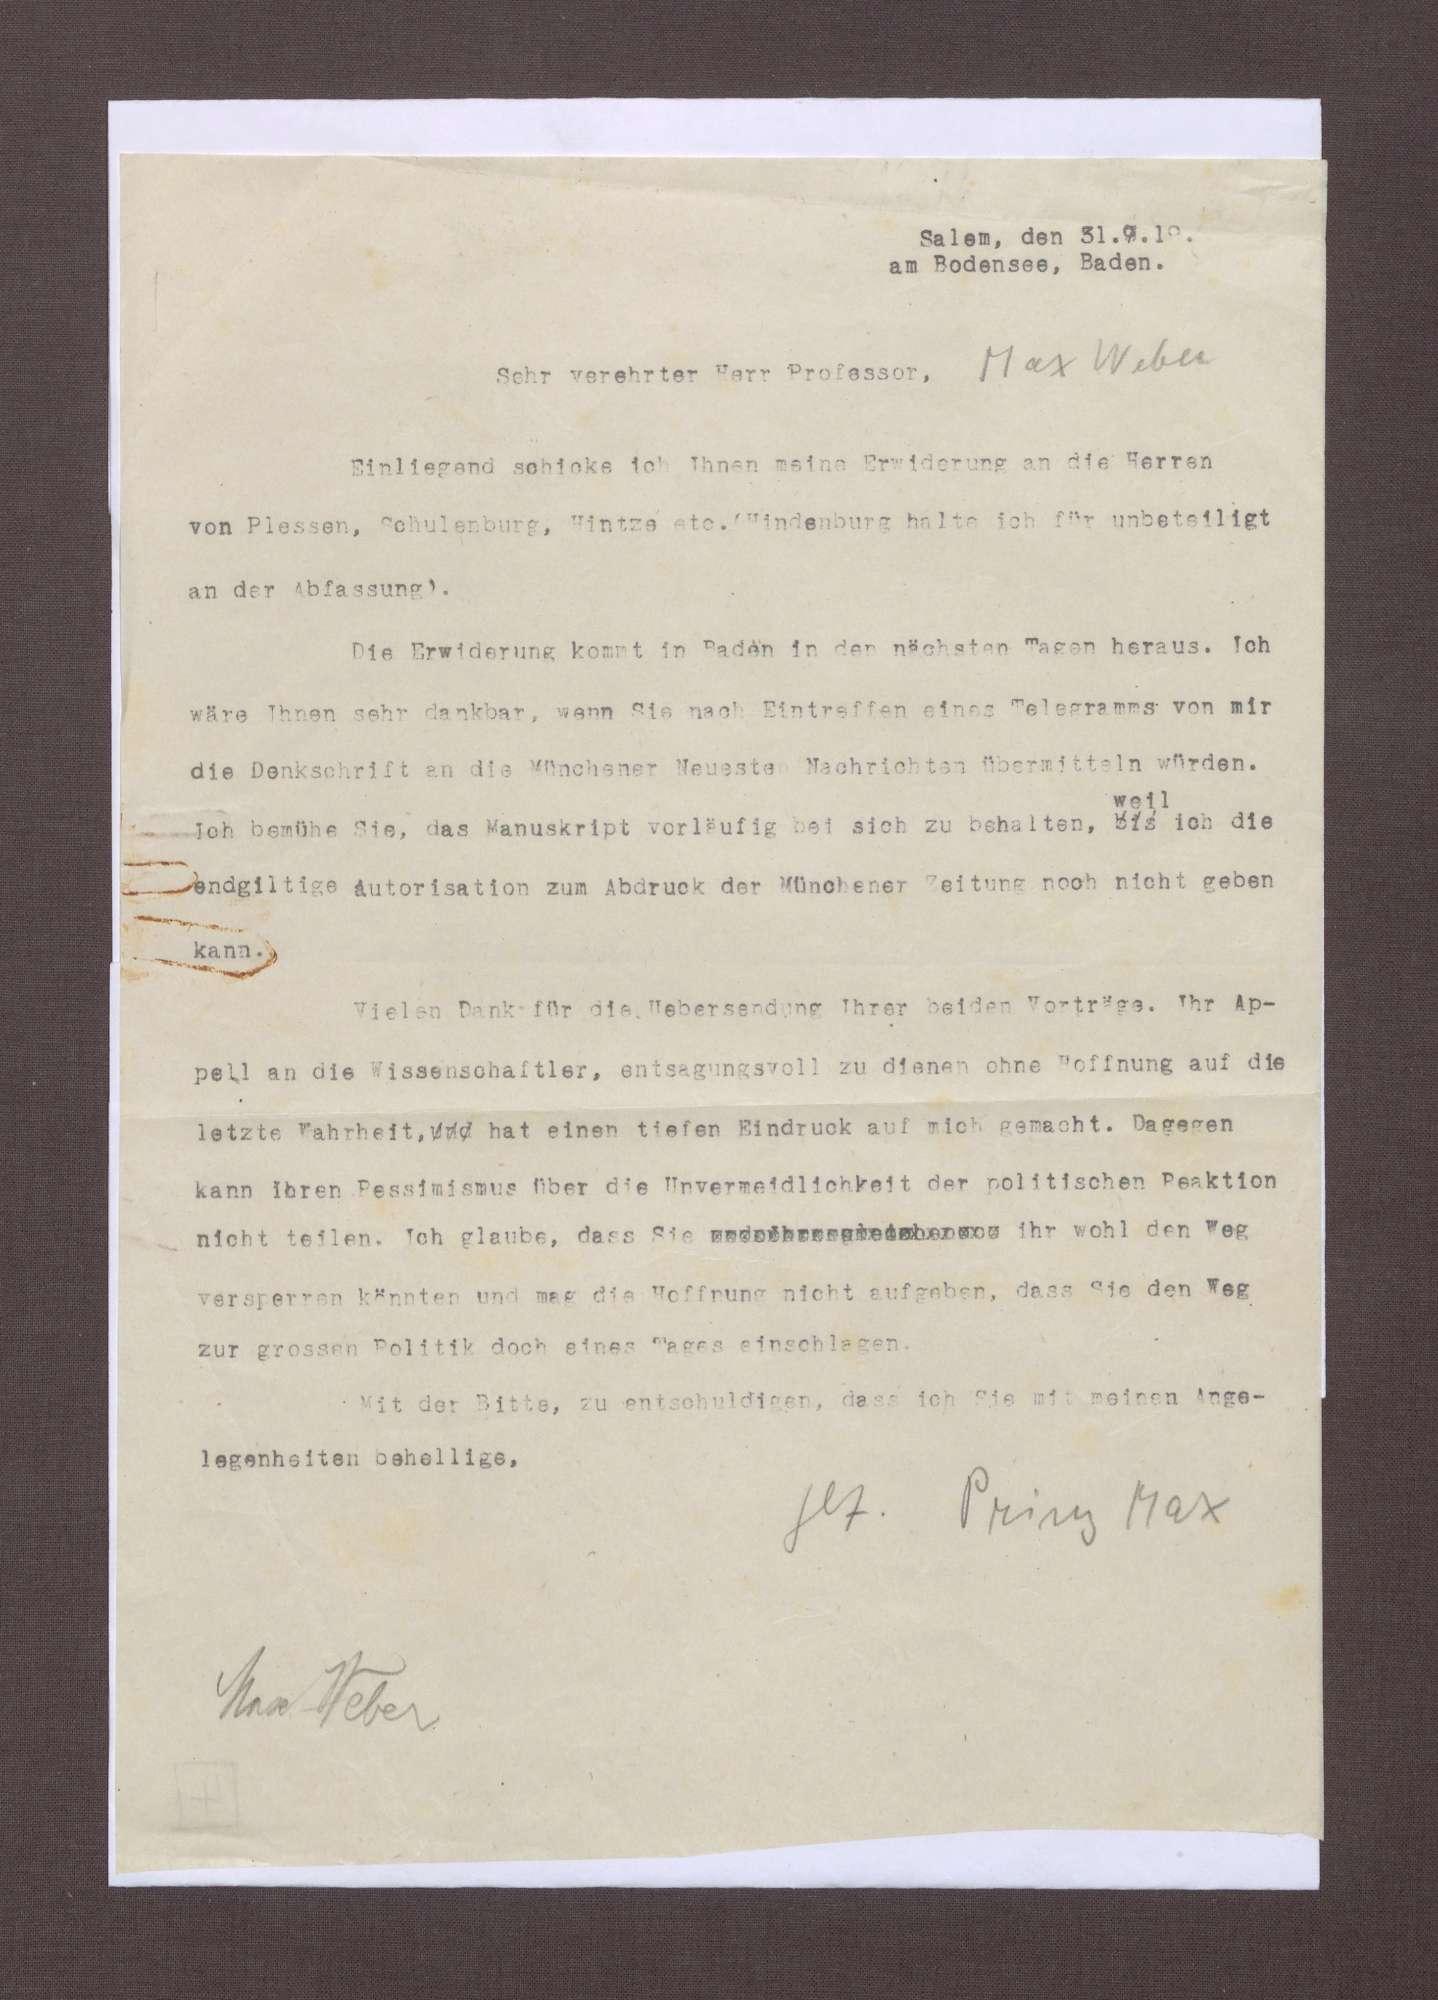 Schreiben von Prinz Max von Baden an Max Weber; Erwiderung auf die Ausführungen von Plessen, Schulenburg, Hintze etc., Bild 1